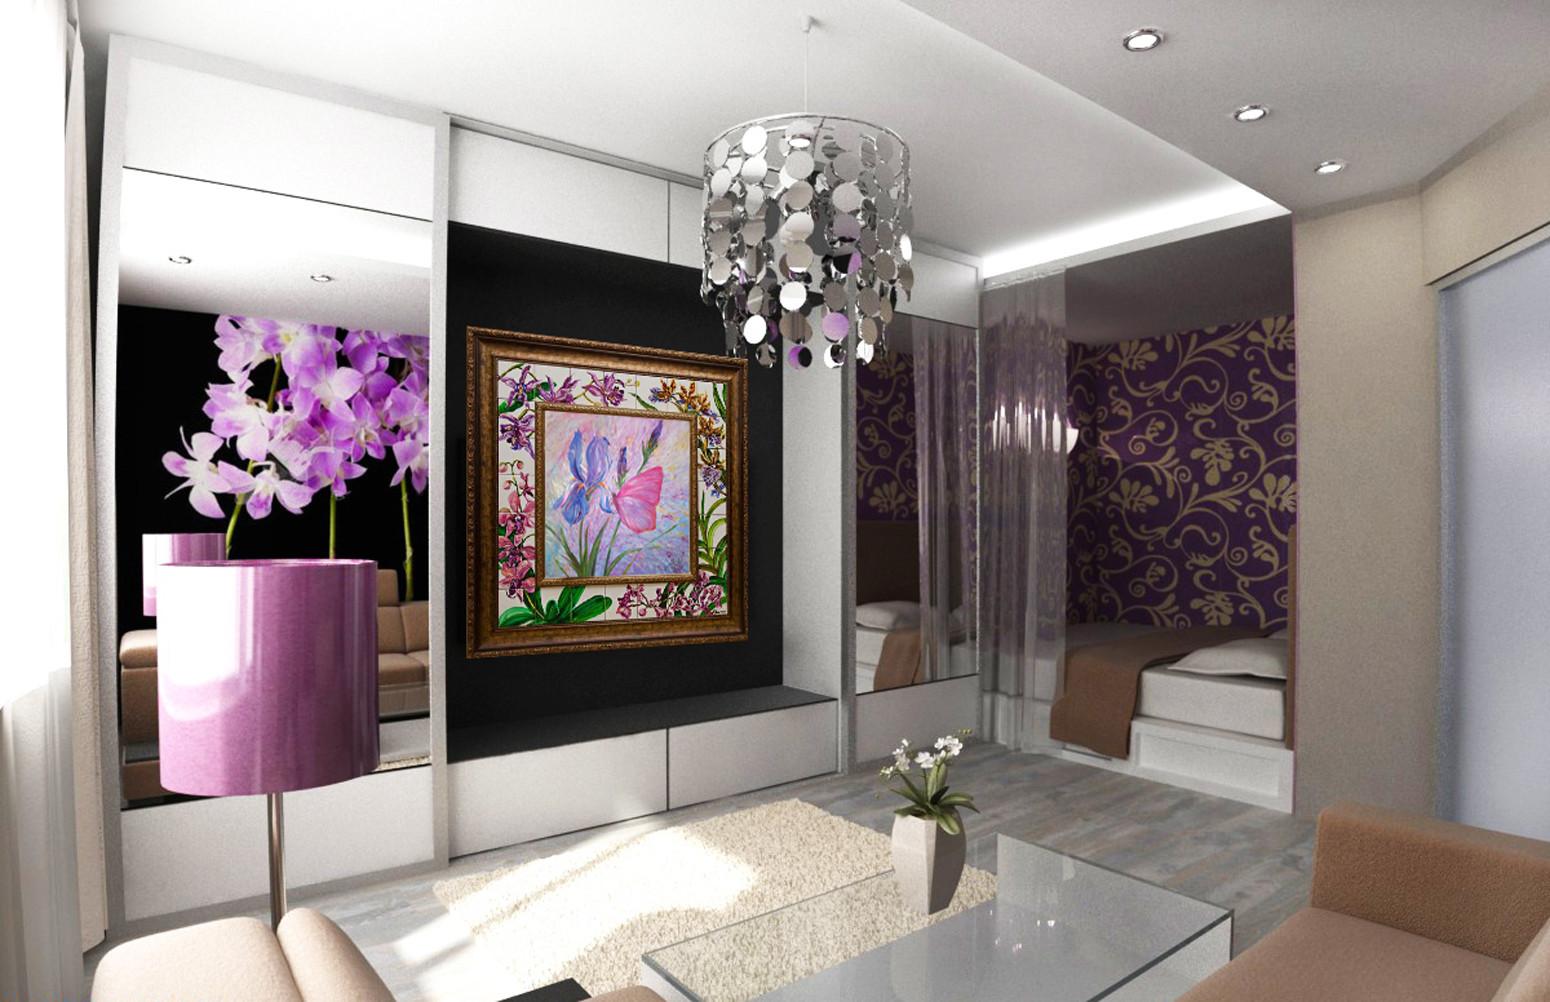 Гостиная совмещенная со спальней - фото примеров оформления.